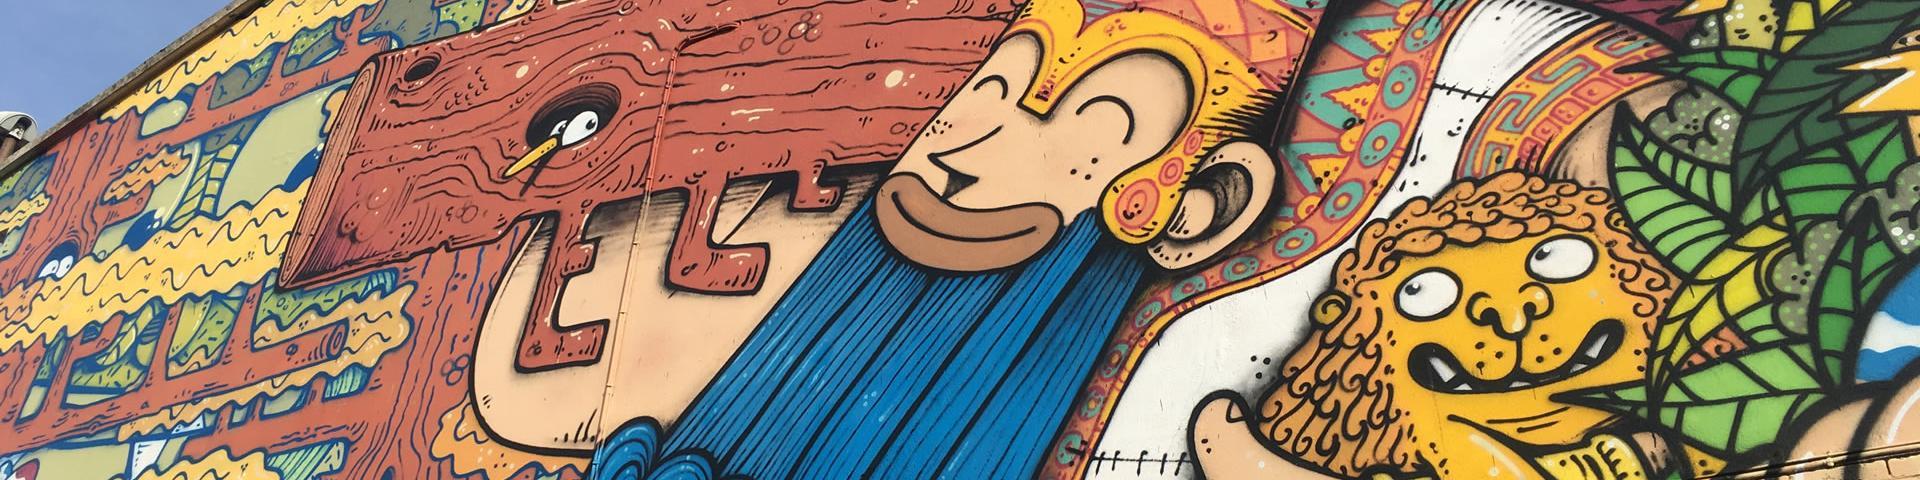 Street art - l'épopée de Gilgamesch